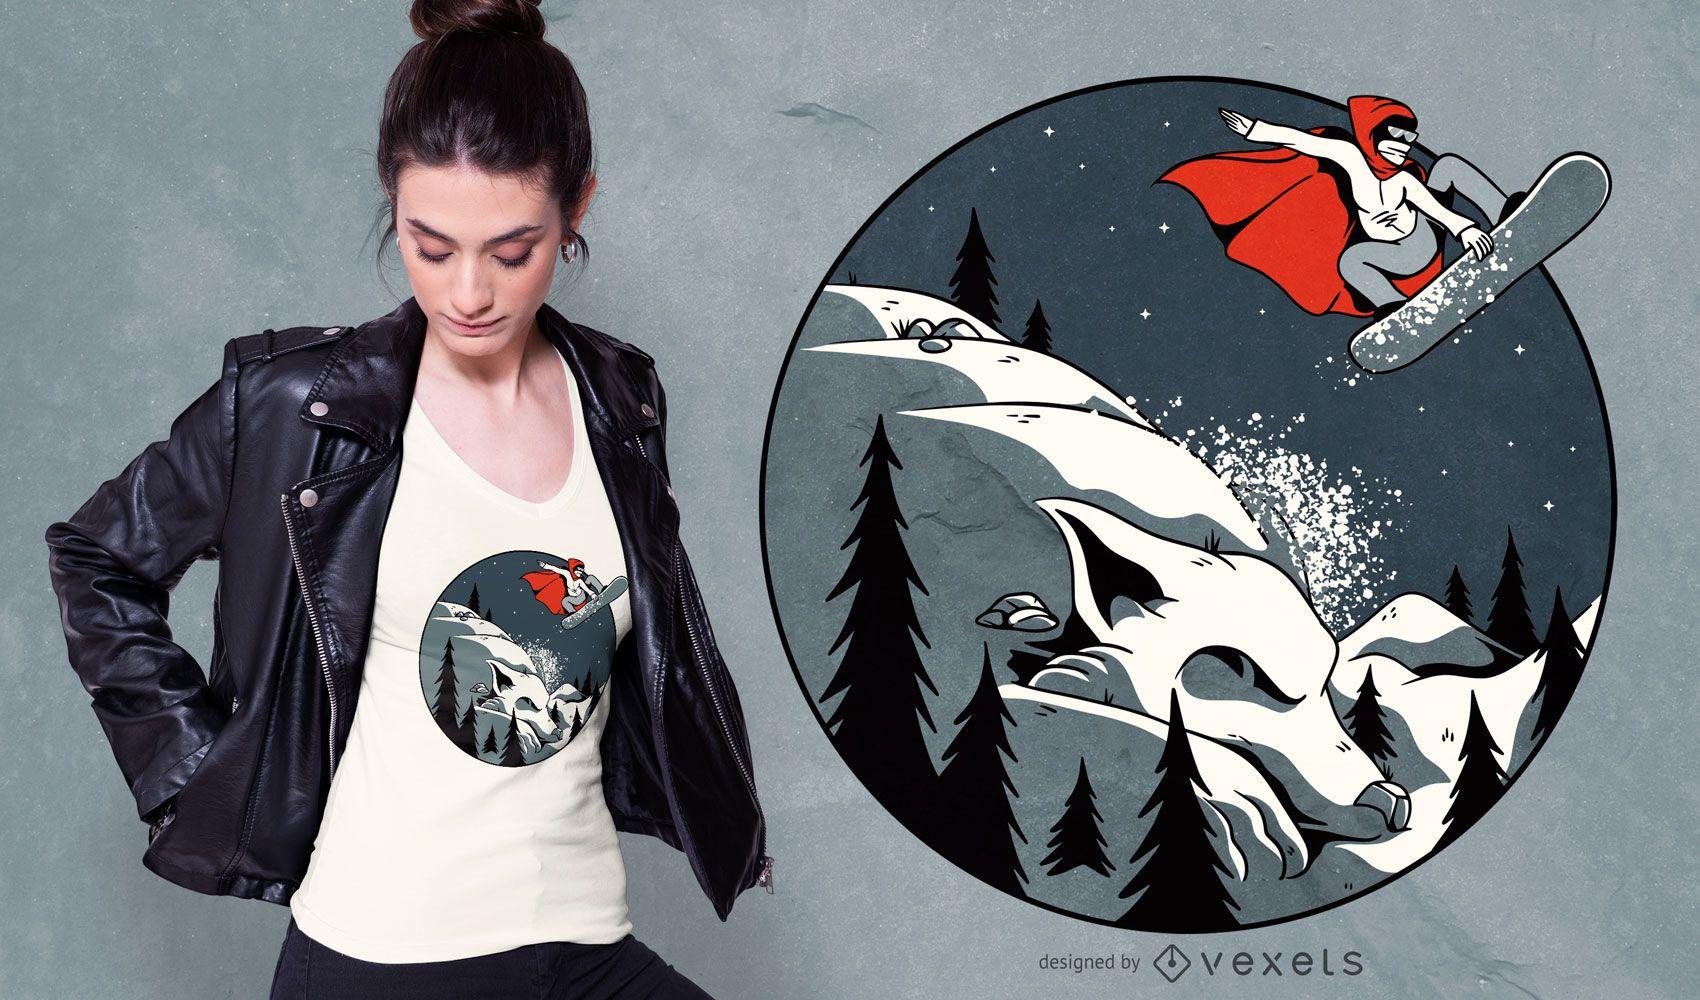 Dise?o de camiseta de snowboard con capucha roja